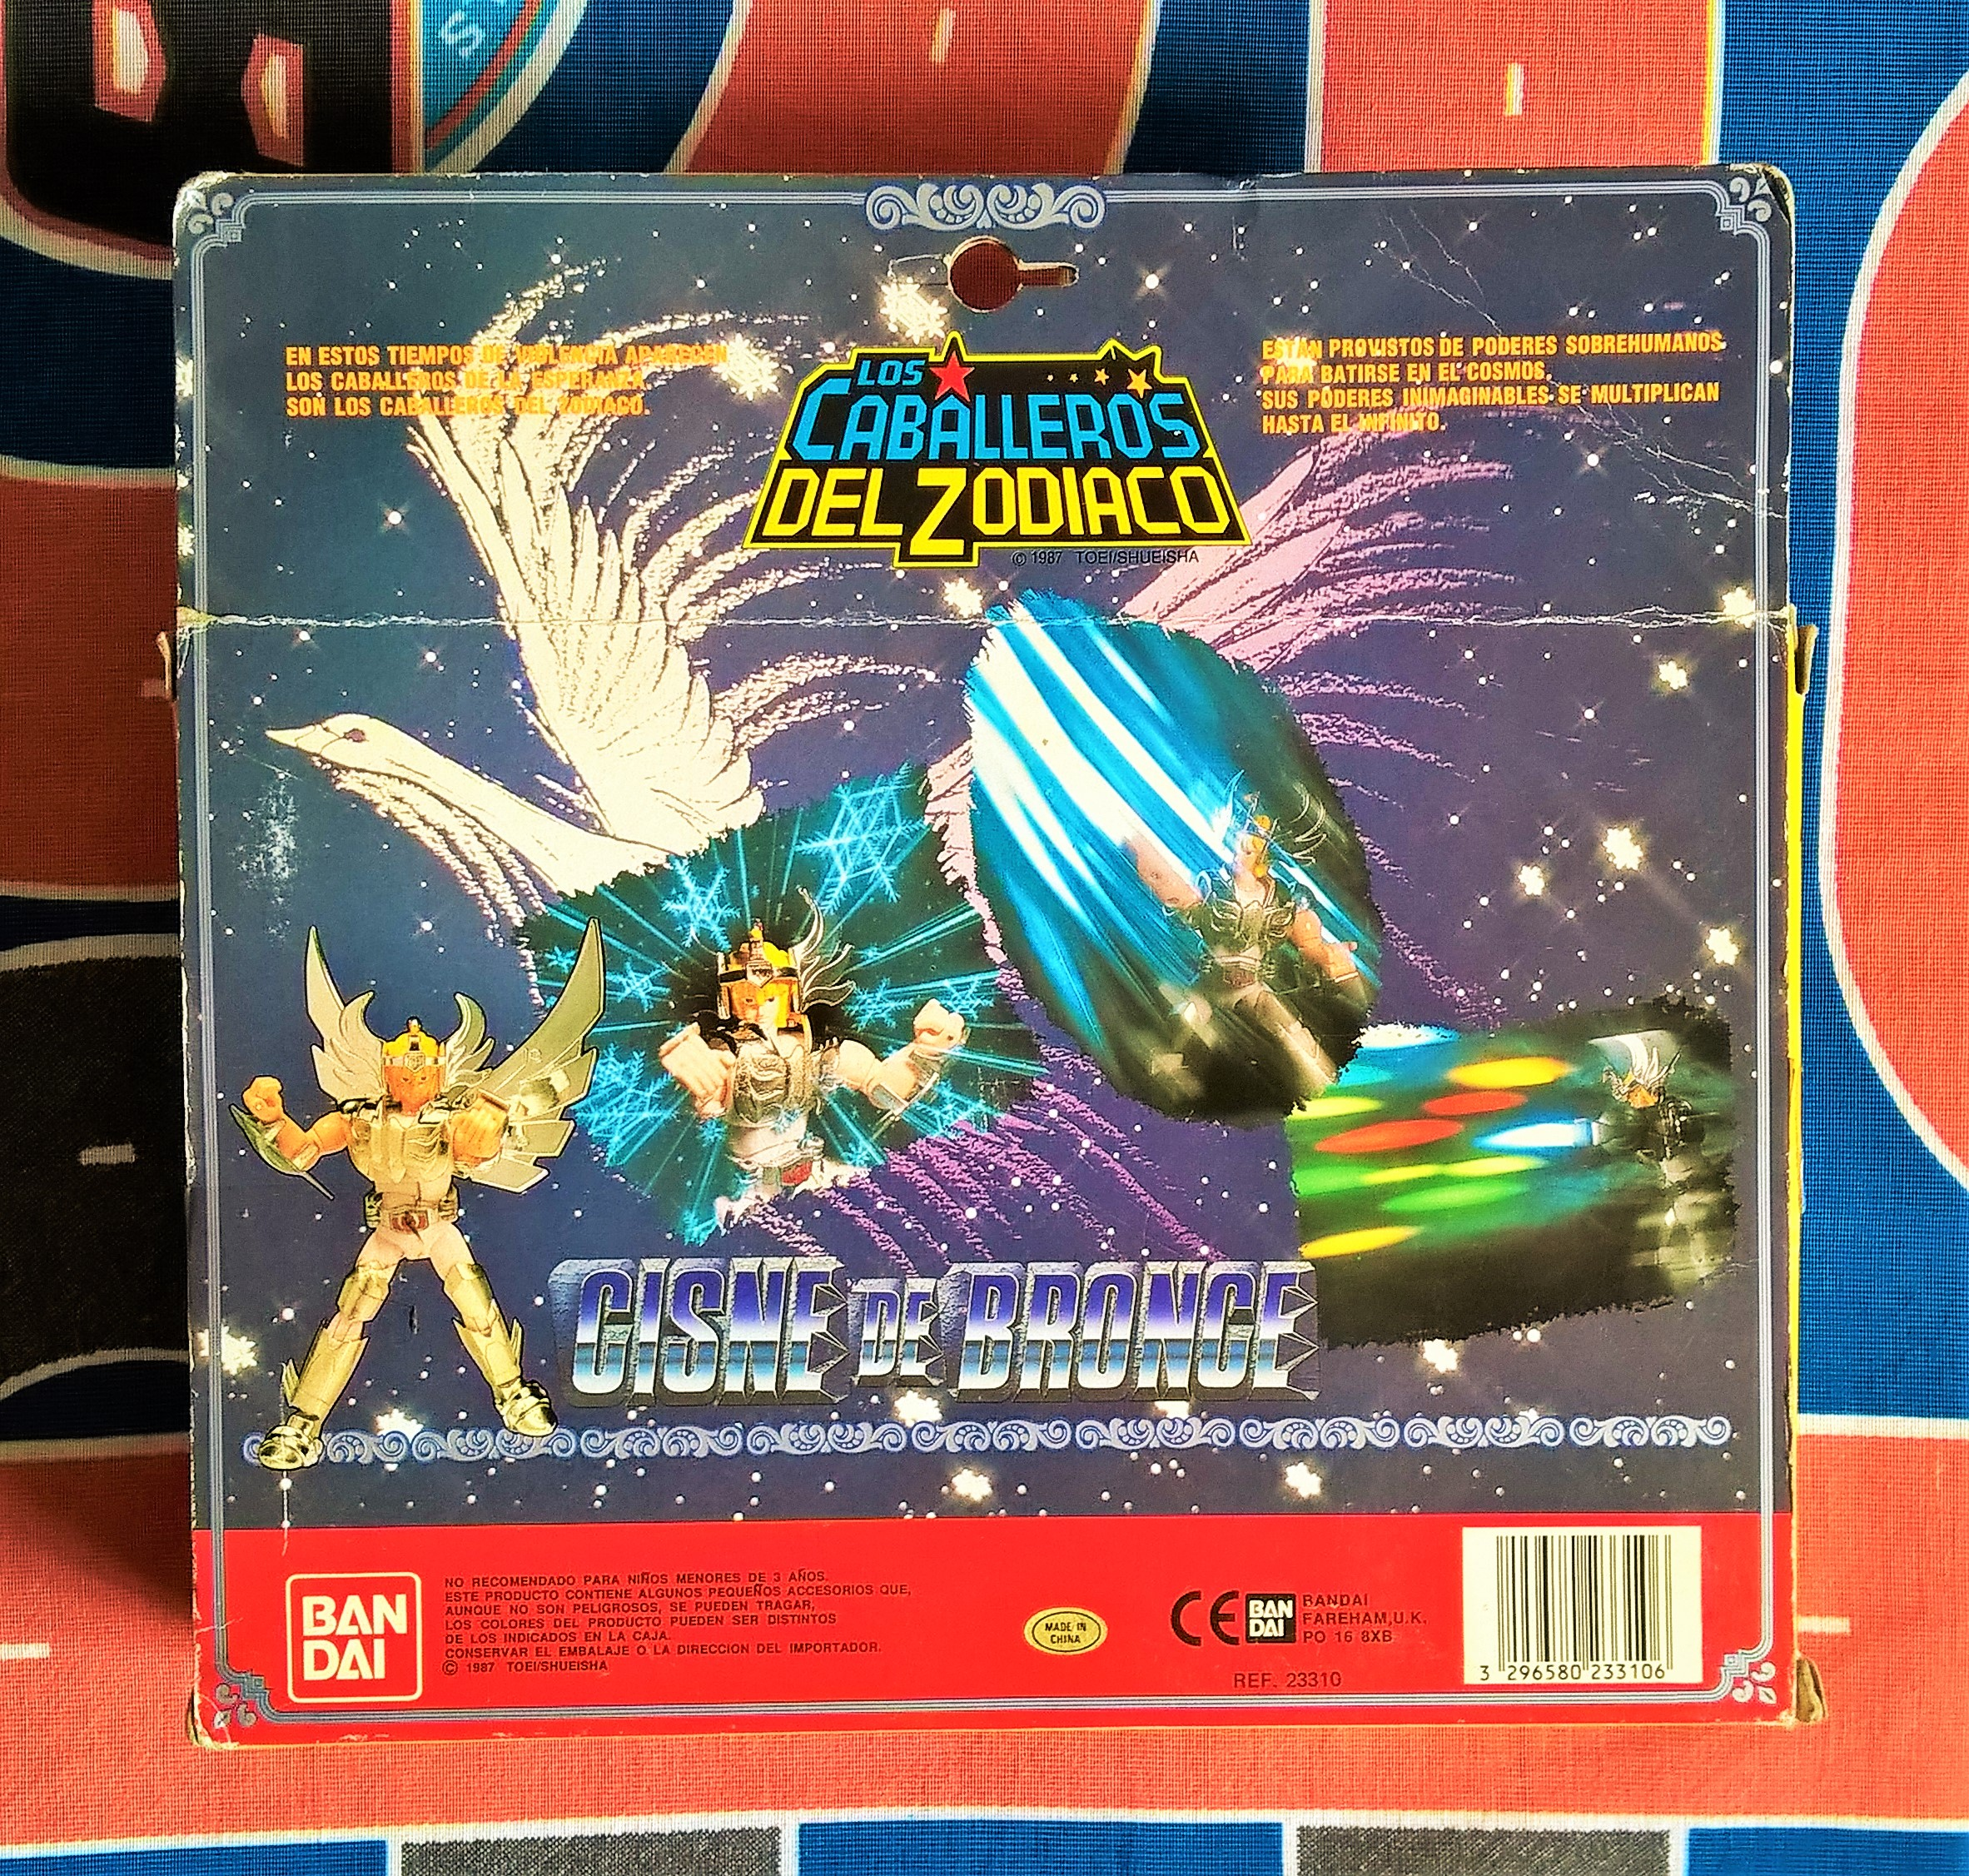 Detalhe da parte de trás da caixa: mostrava o personagem em ação, em sua cena de maior destaque e impacto no desenho. Spoiler?! XD